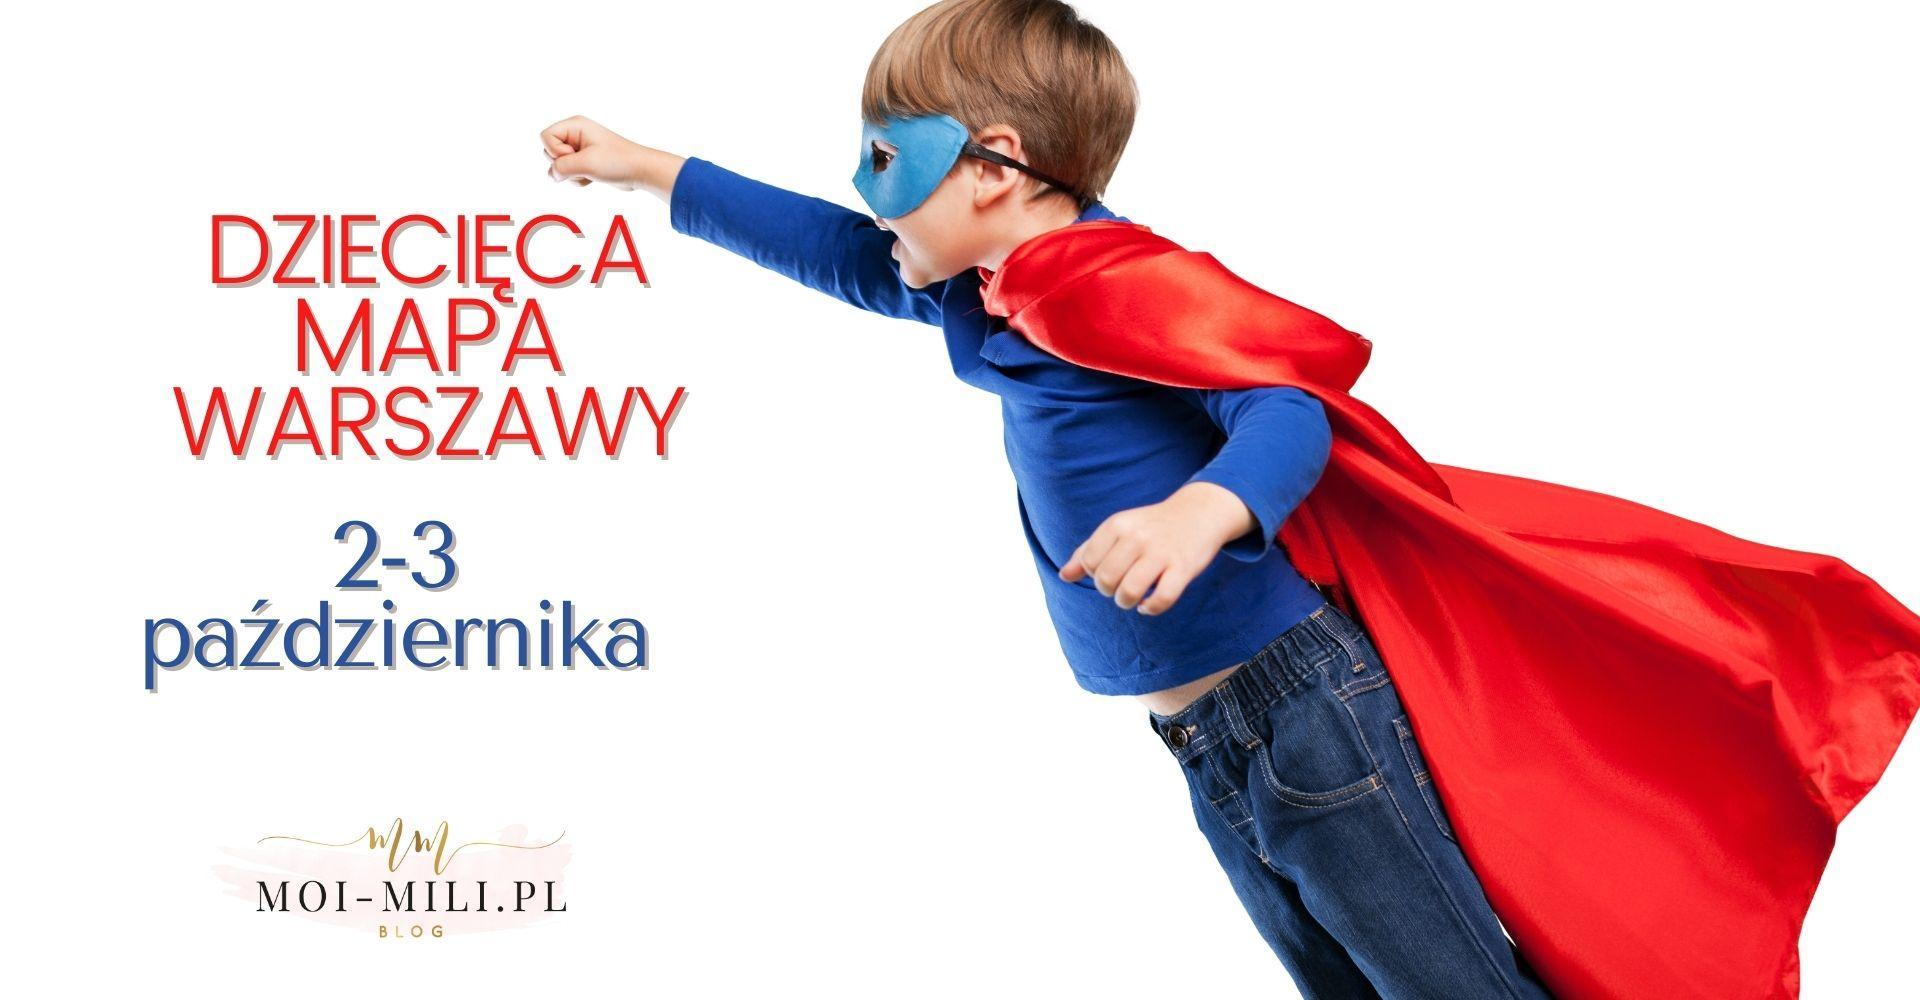 Weekendowa Zajawka, czyli co robić z dzieckiem w Warszawie 2-3 października